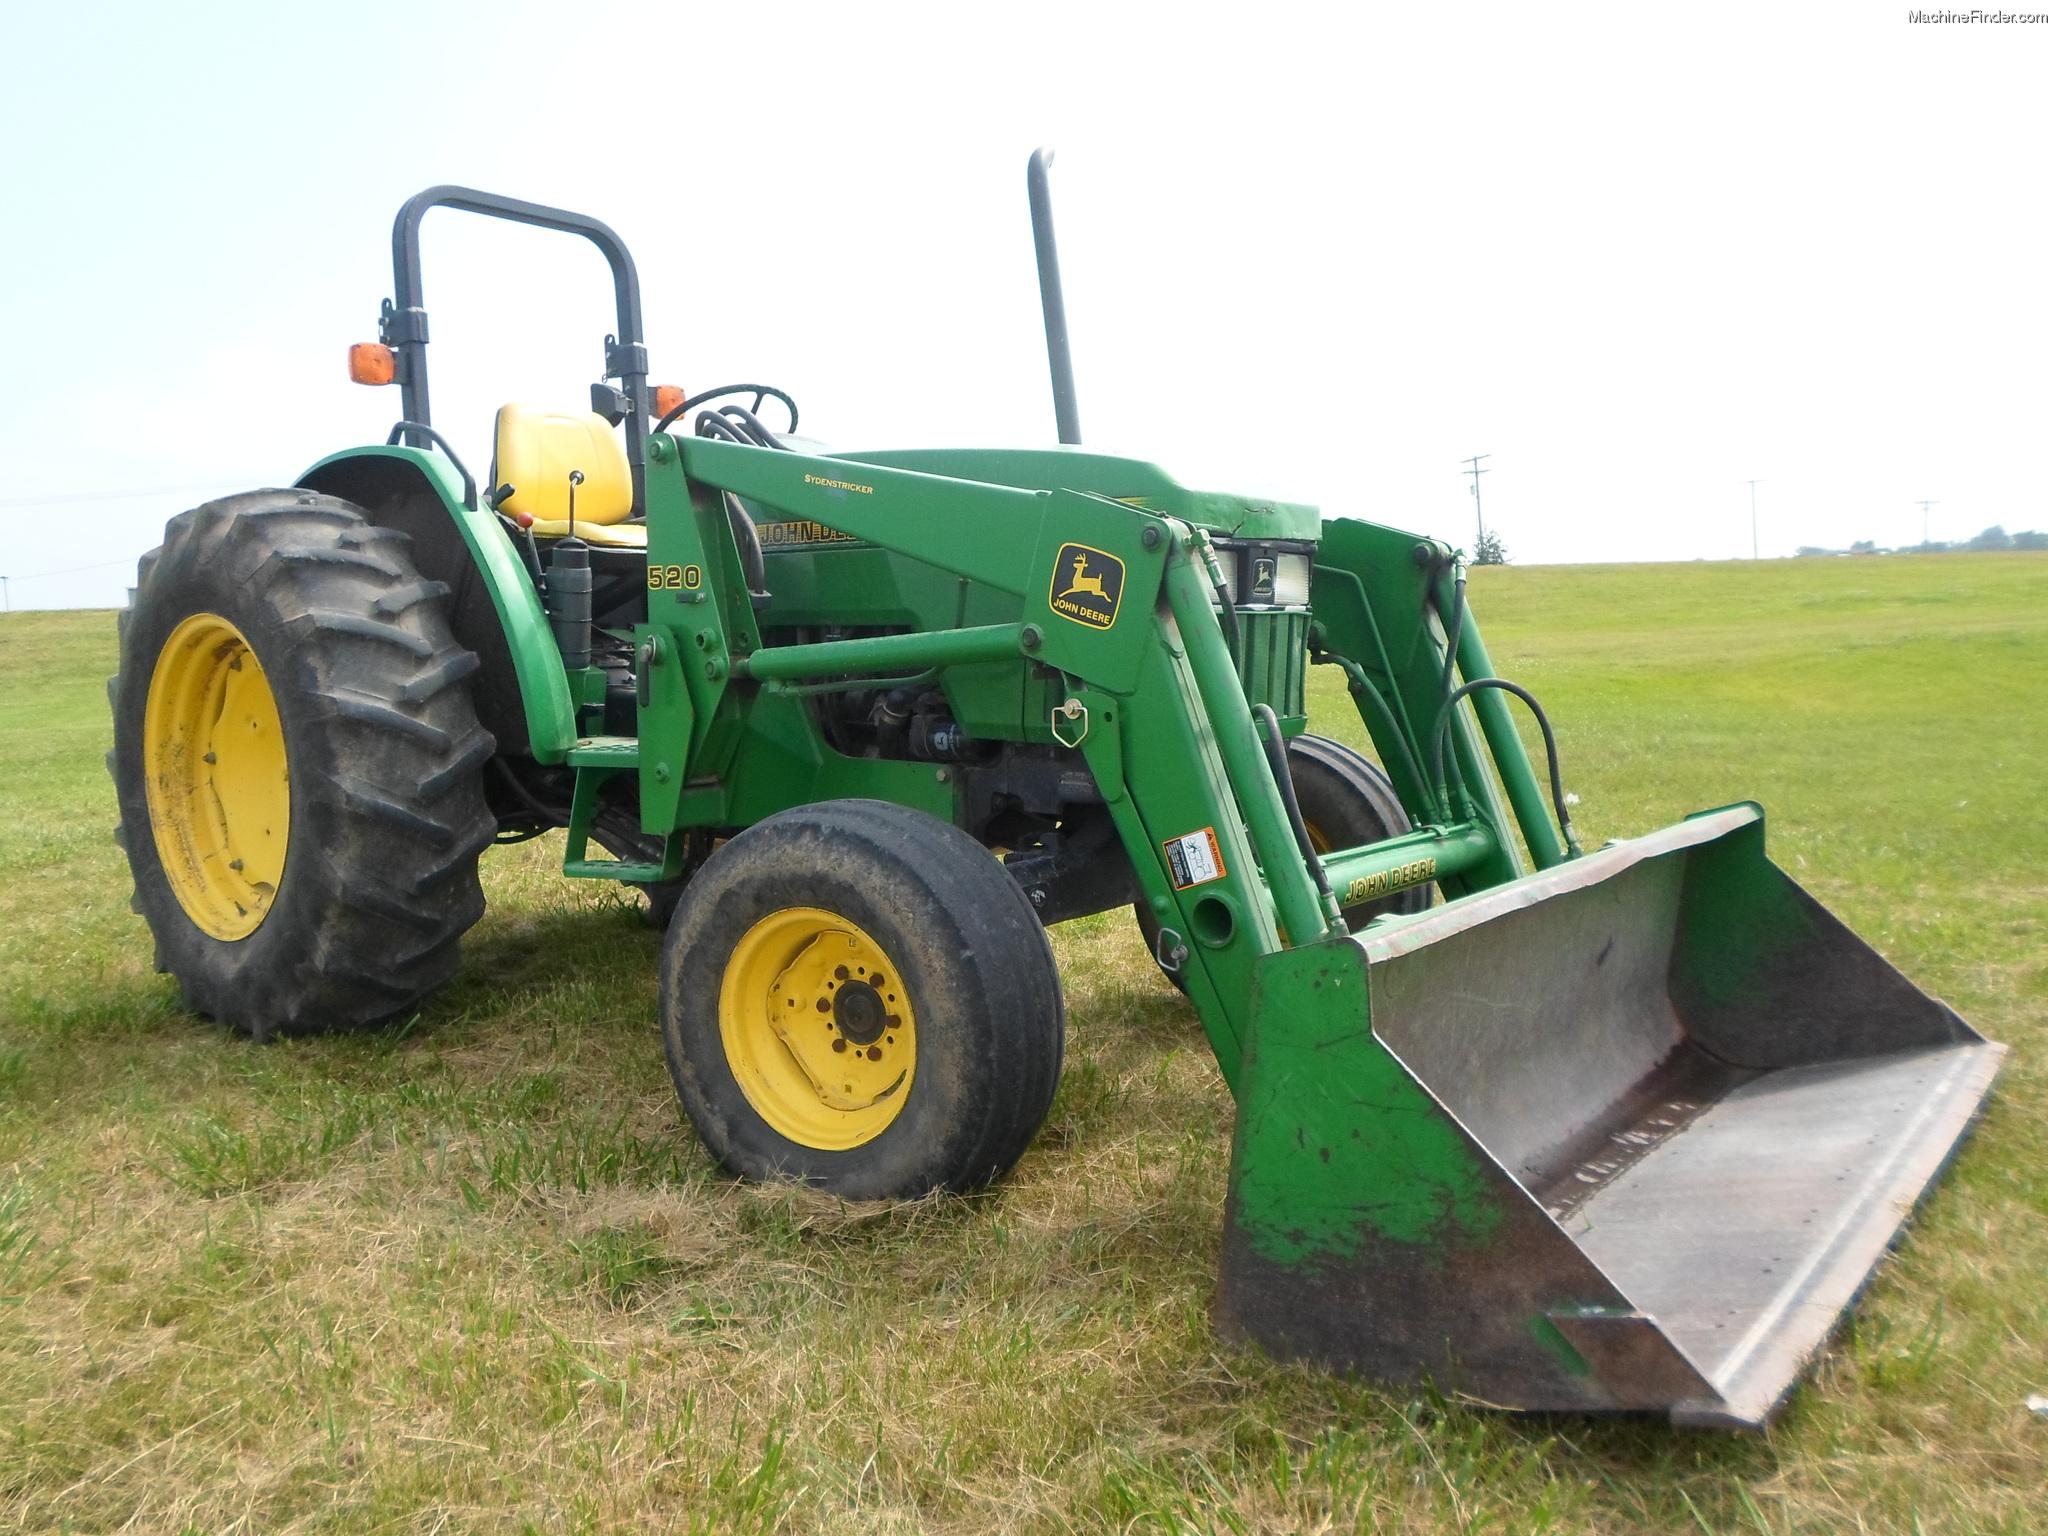 John Deere 5400 Tractor Parts | John Deere Parts: John Deere Parts